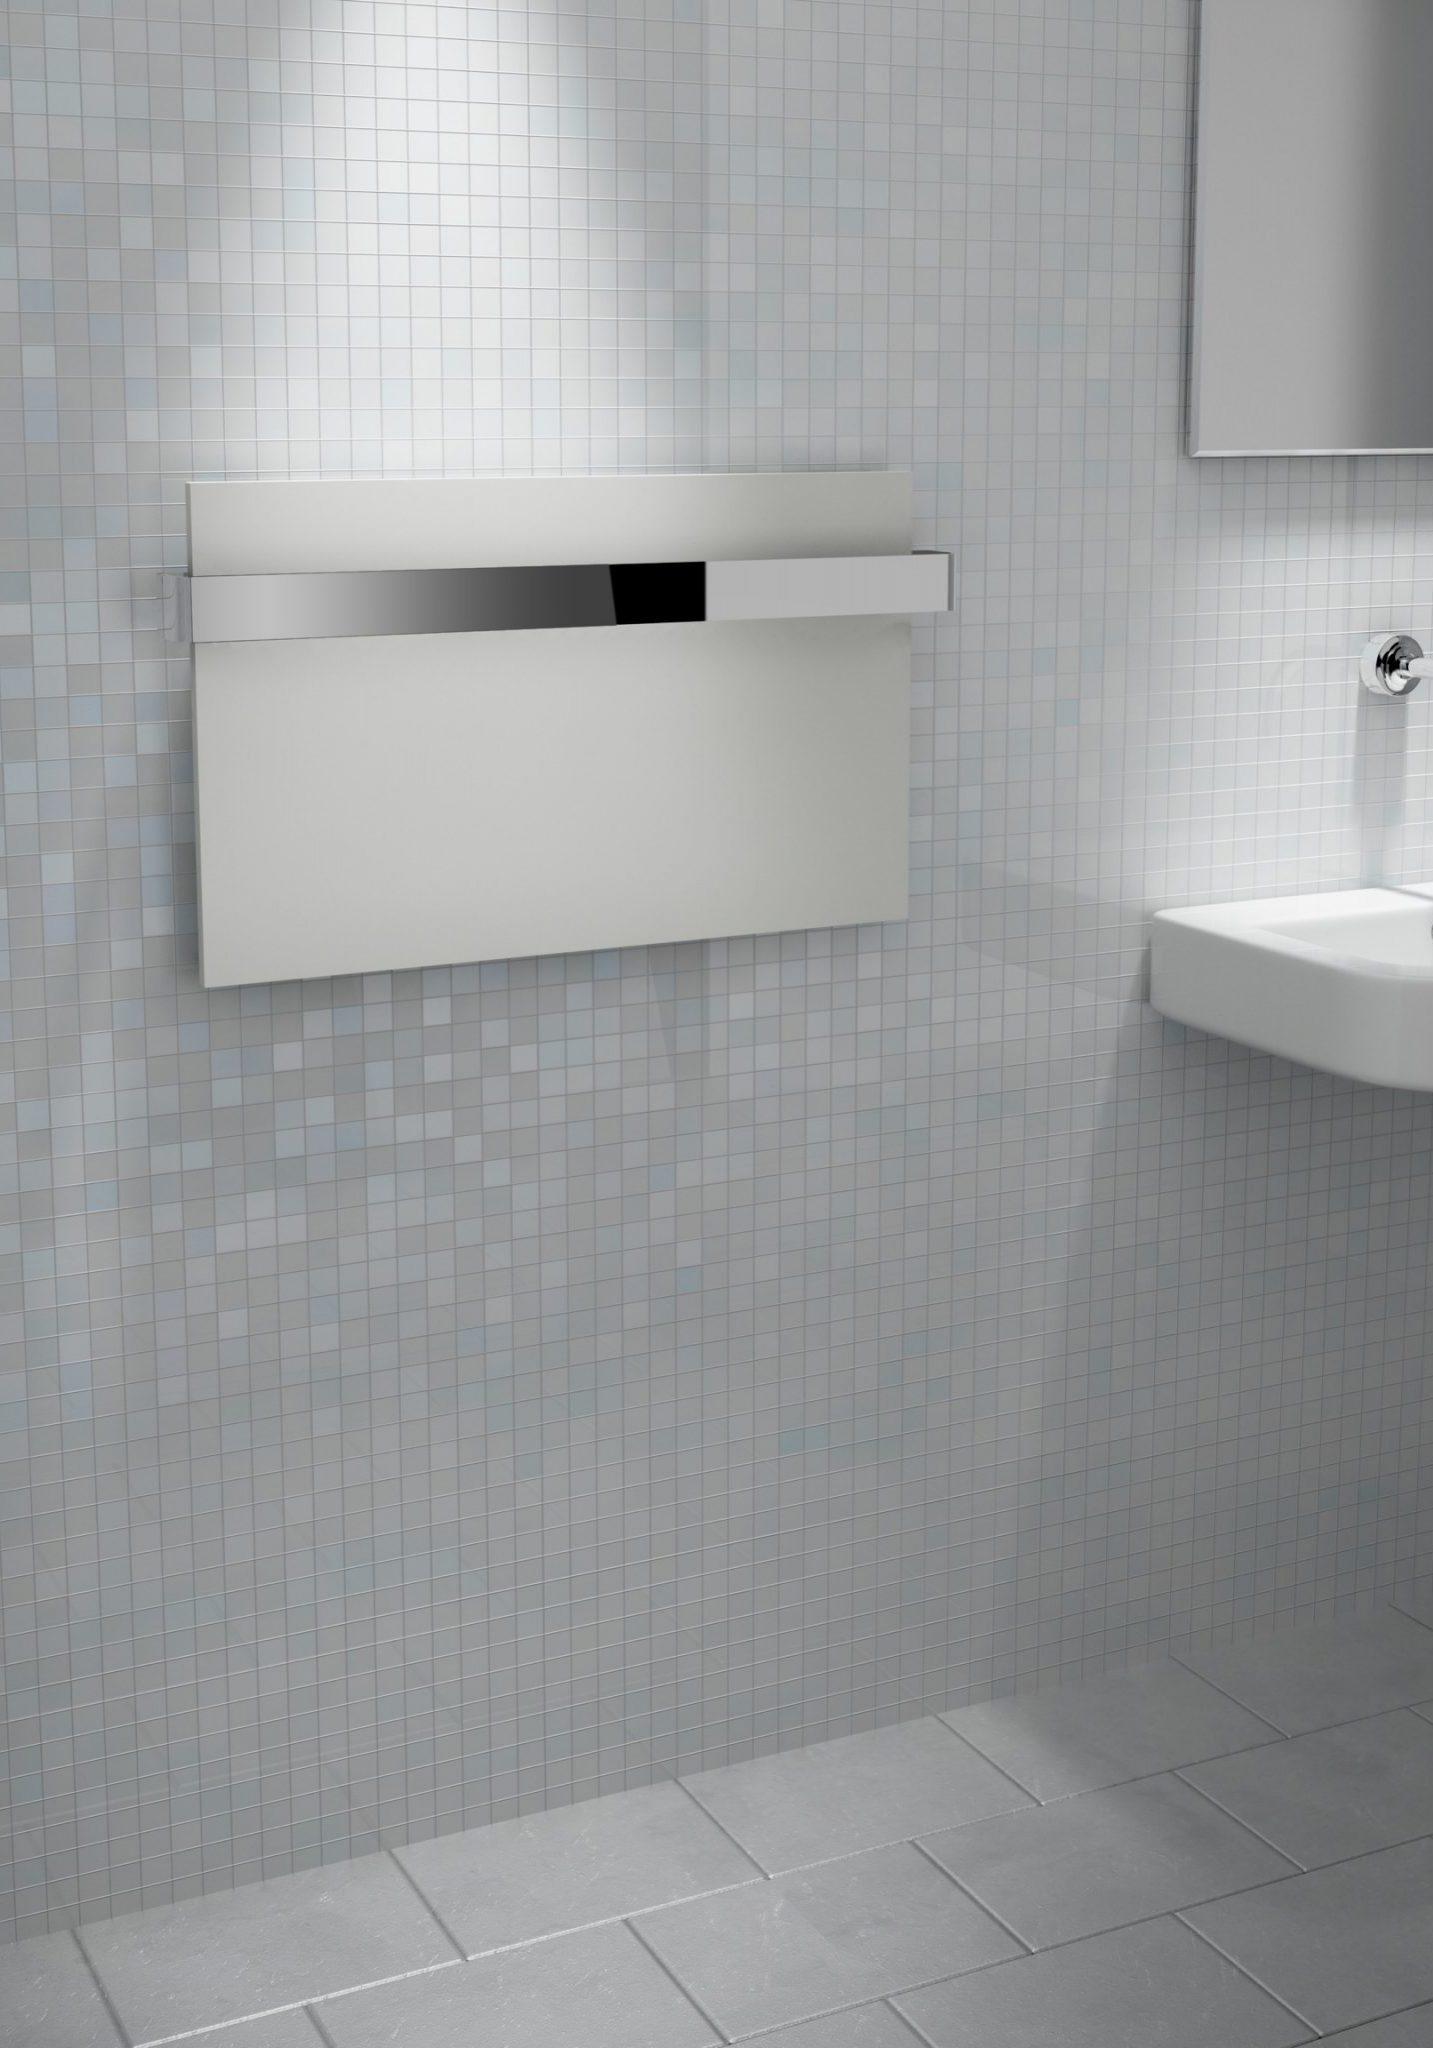 Kudox Ikon Towel Rail 708mm x 417mm